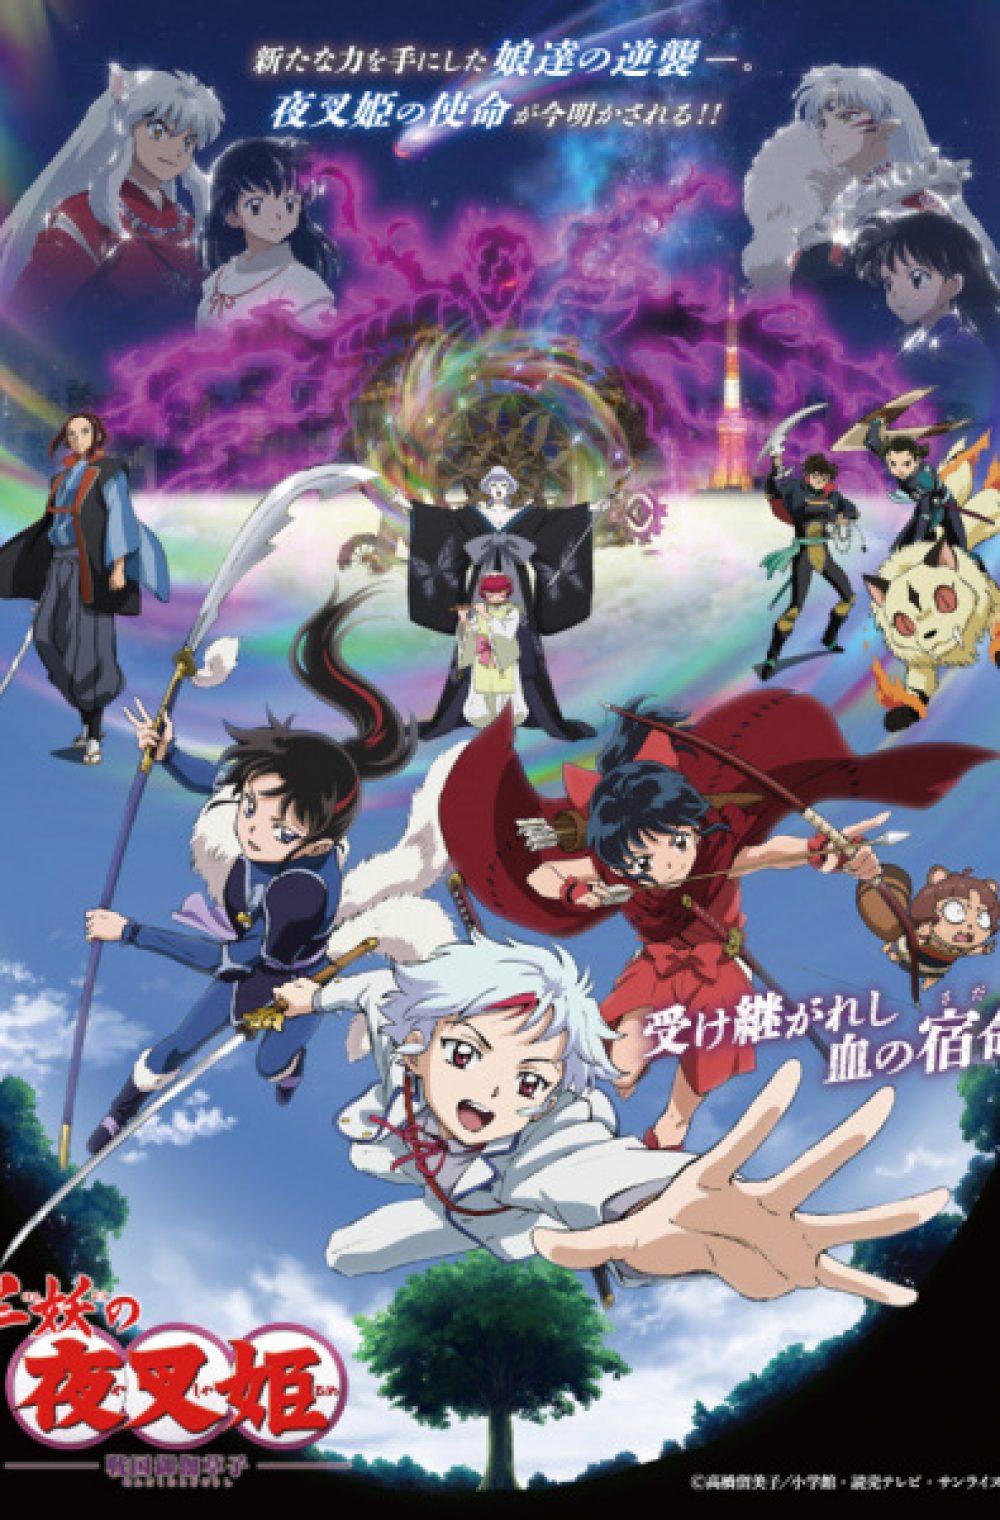 [Ohys-Raws] Sengoku Otogizoushi Part 2 - 01 (NTV 1280x720 x264 AAC)